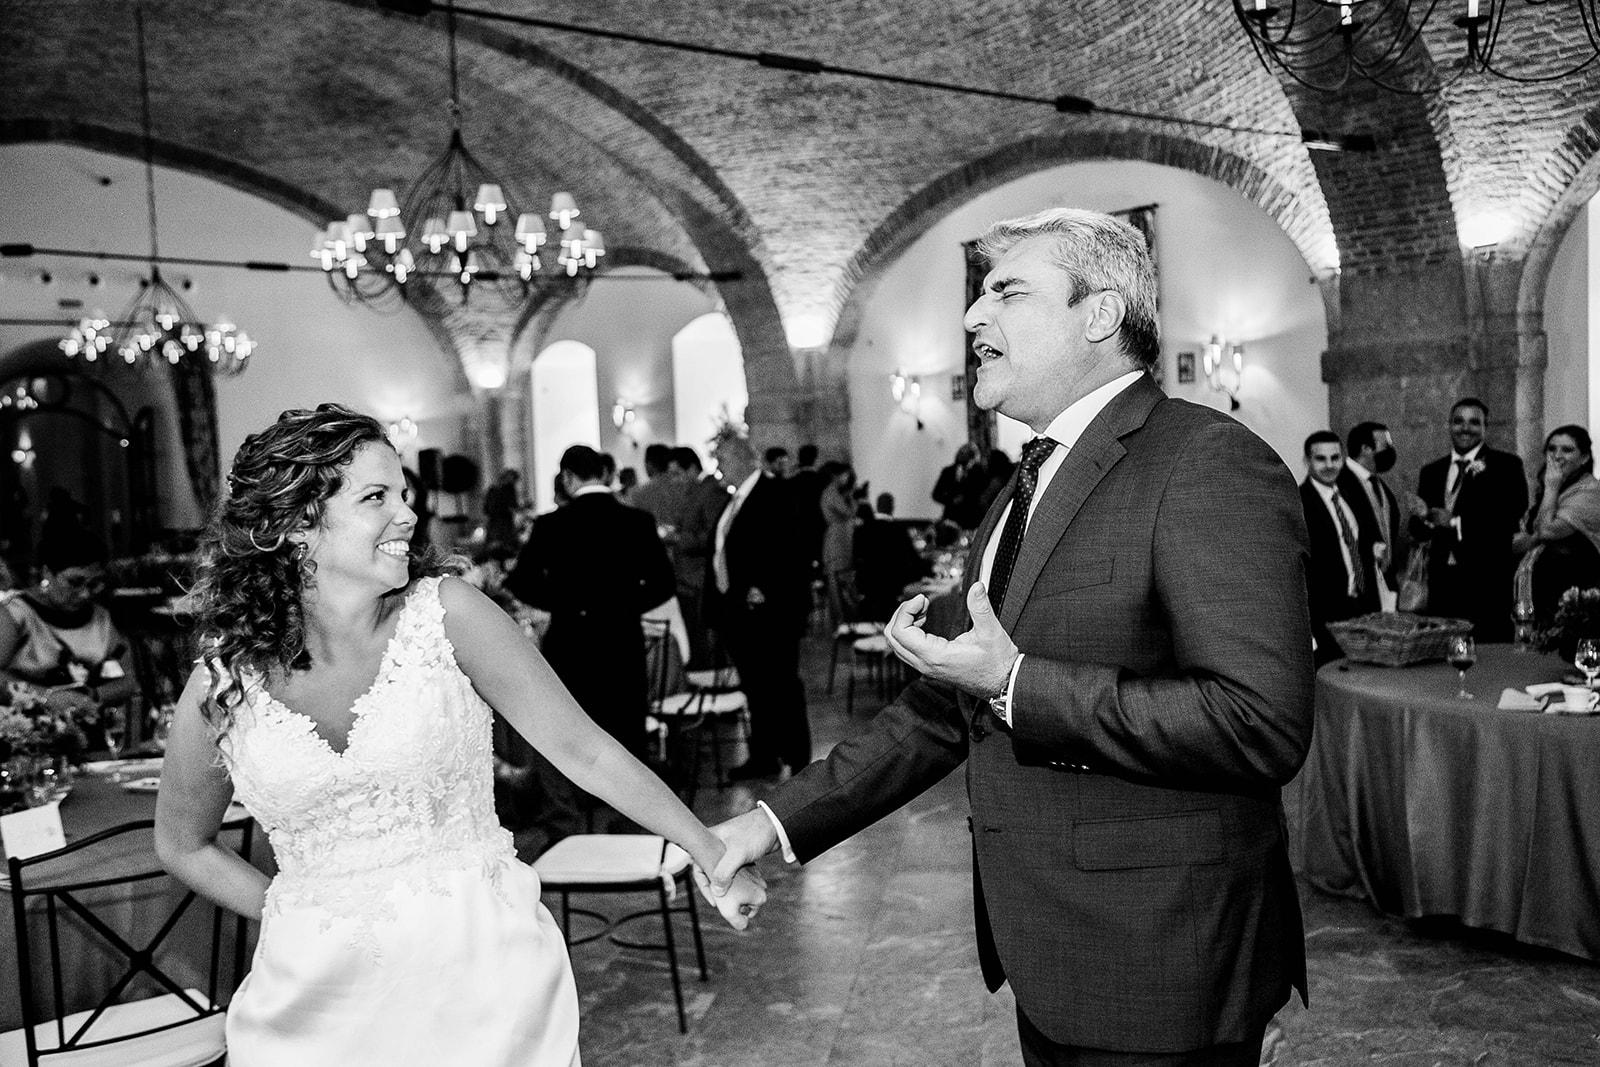 invitado cantando a la novia